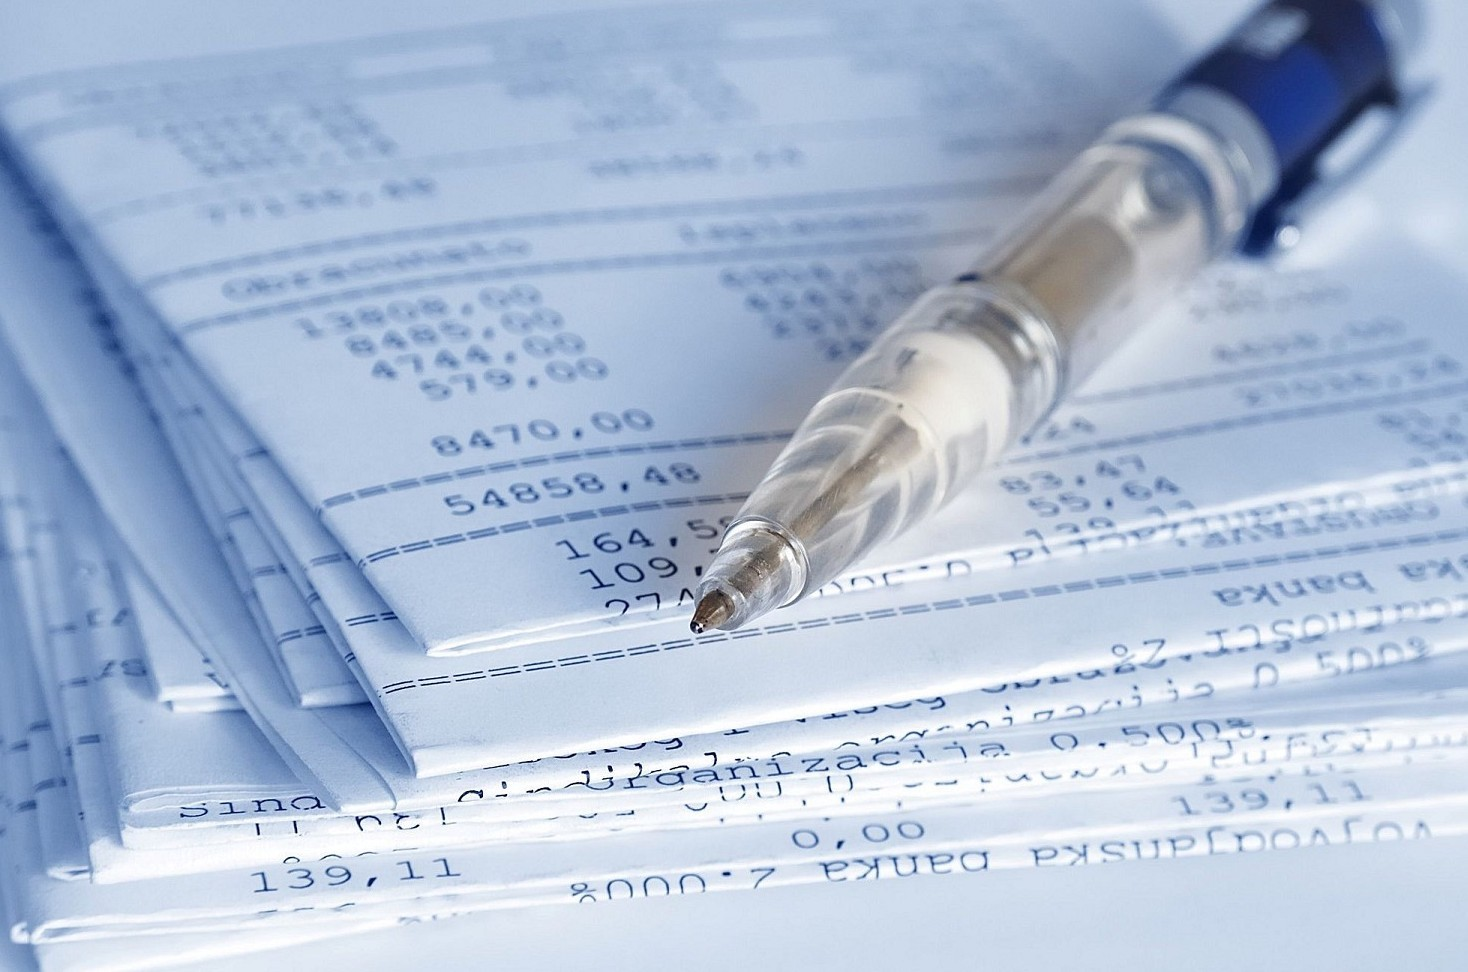 Contratto chimico stipendi, livelli, ferie, permessi, malattia, licenziamento, straordinari